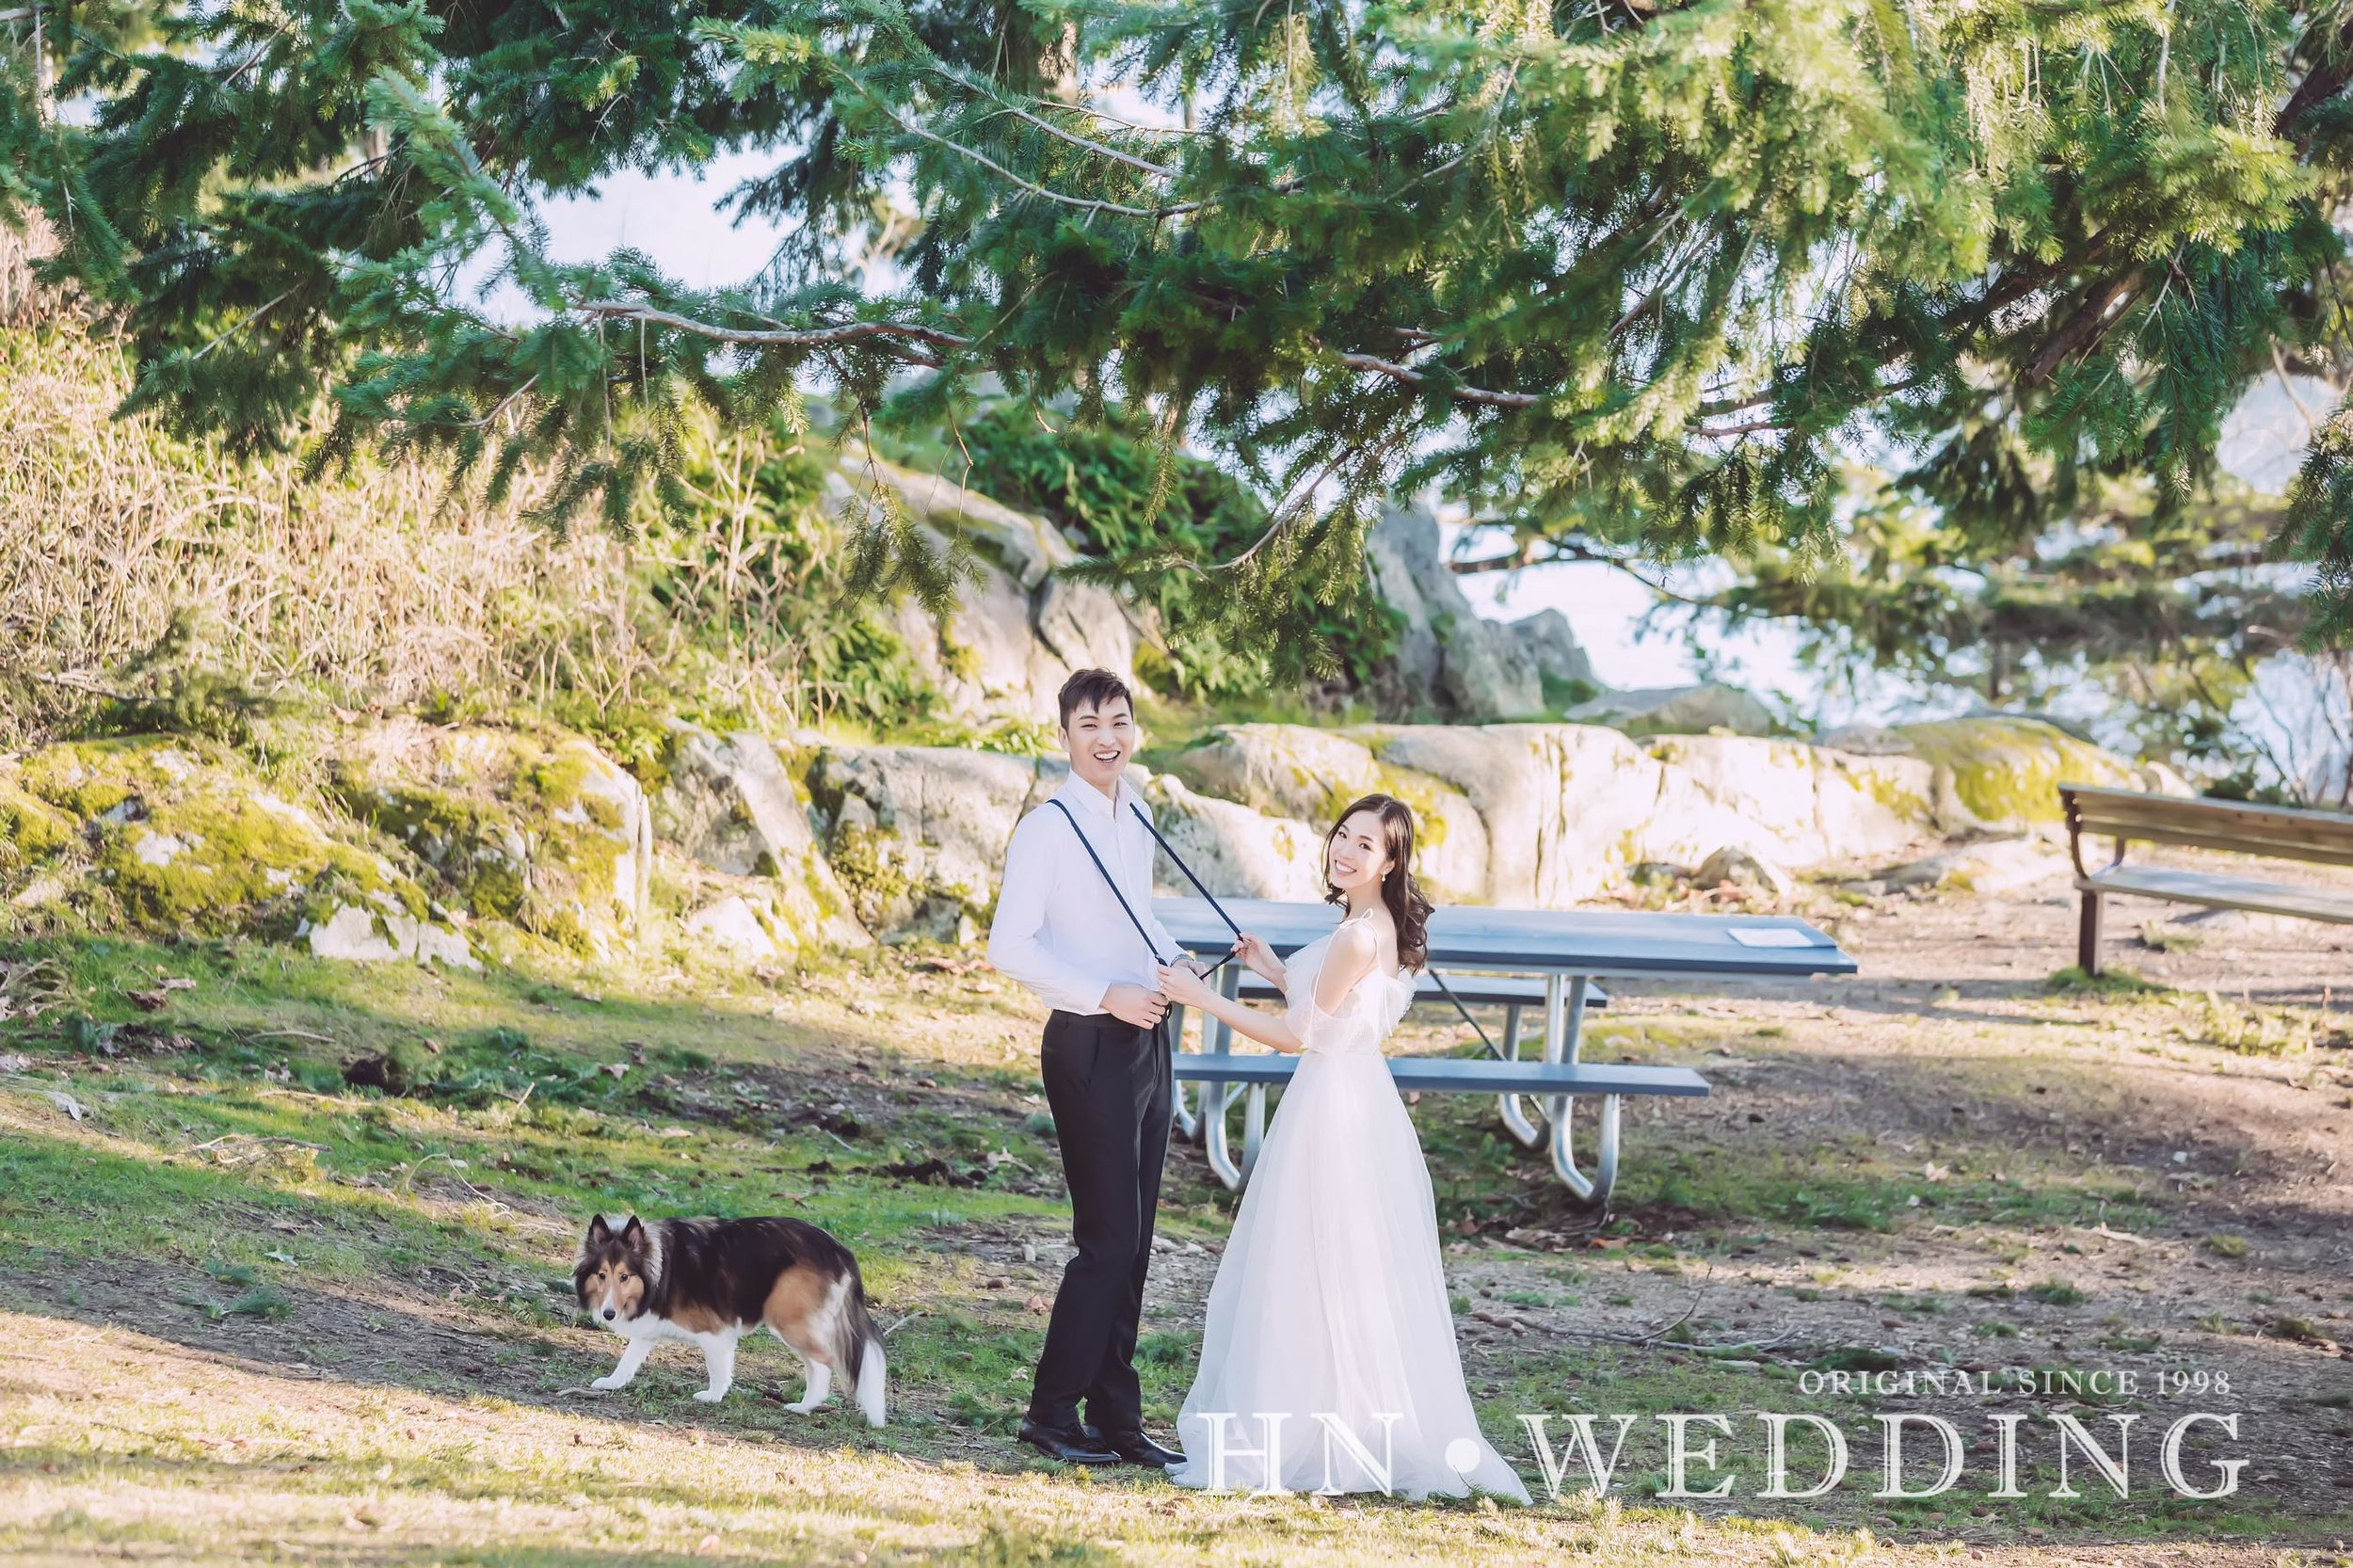 hnweddingprewedding20190220-43.jpg